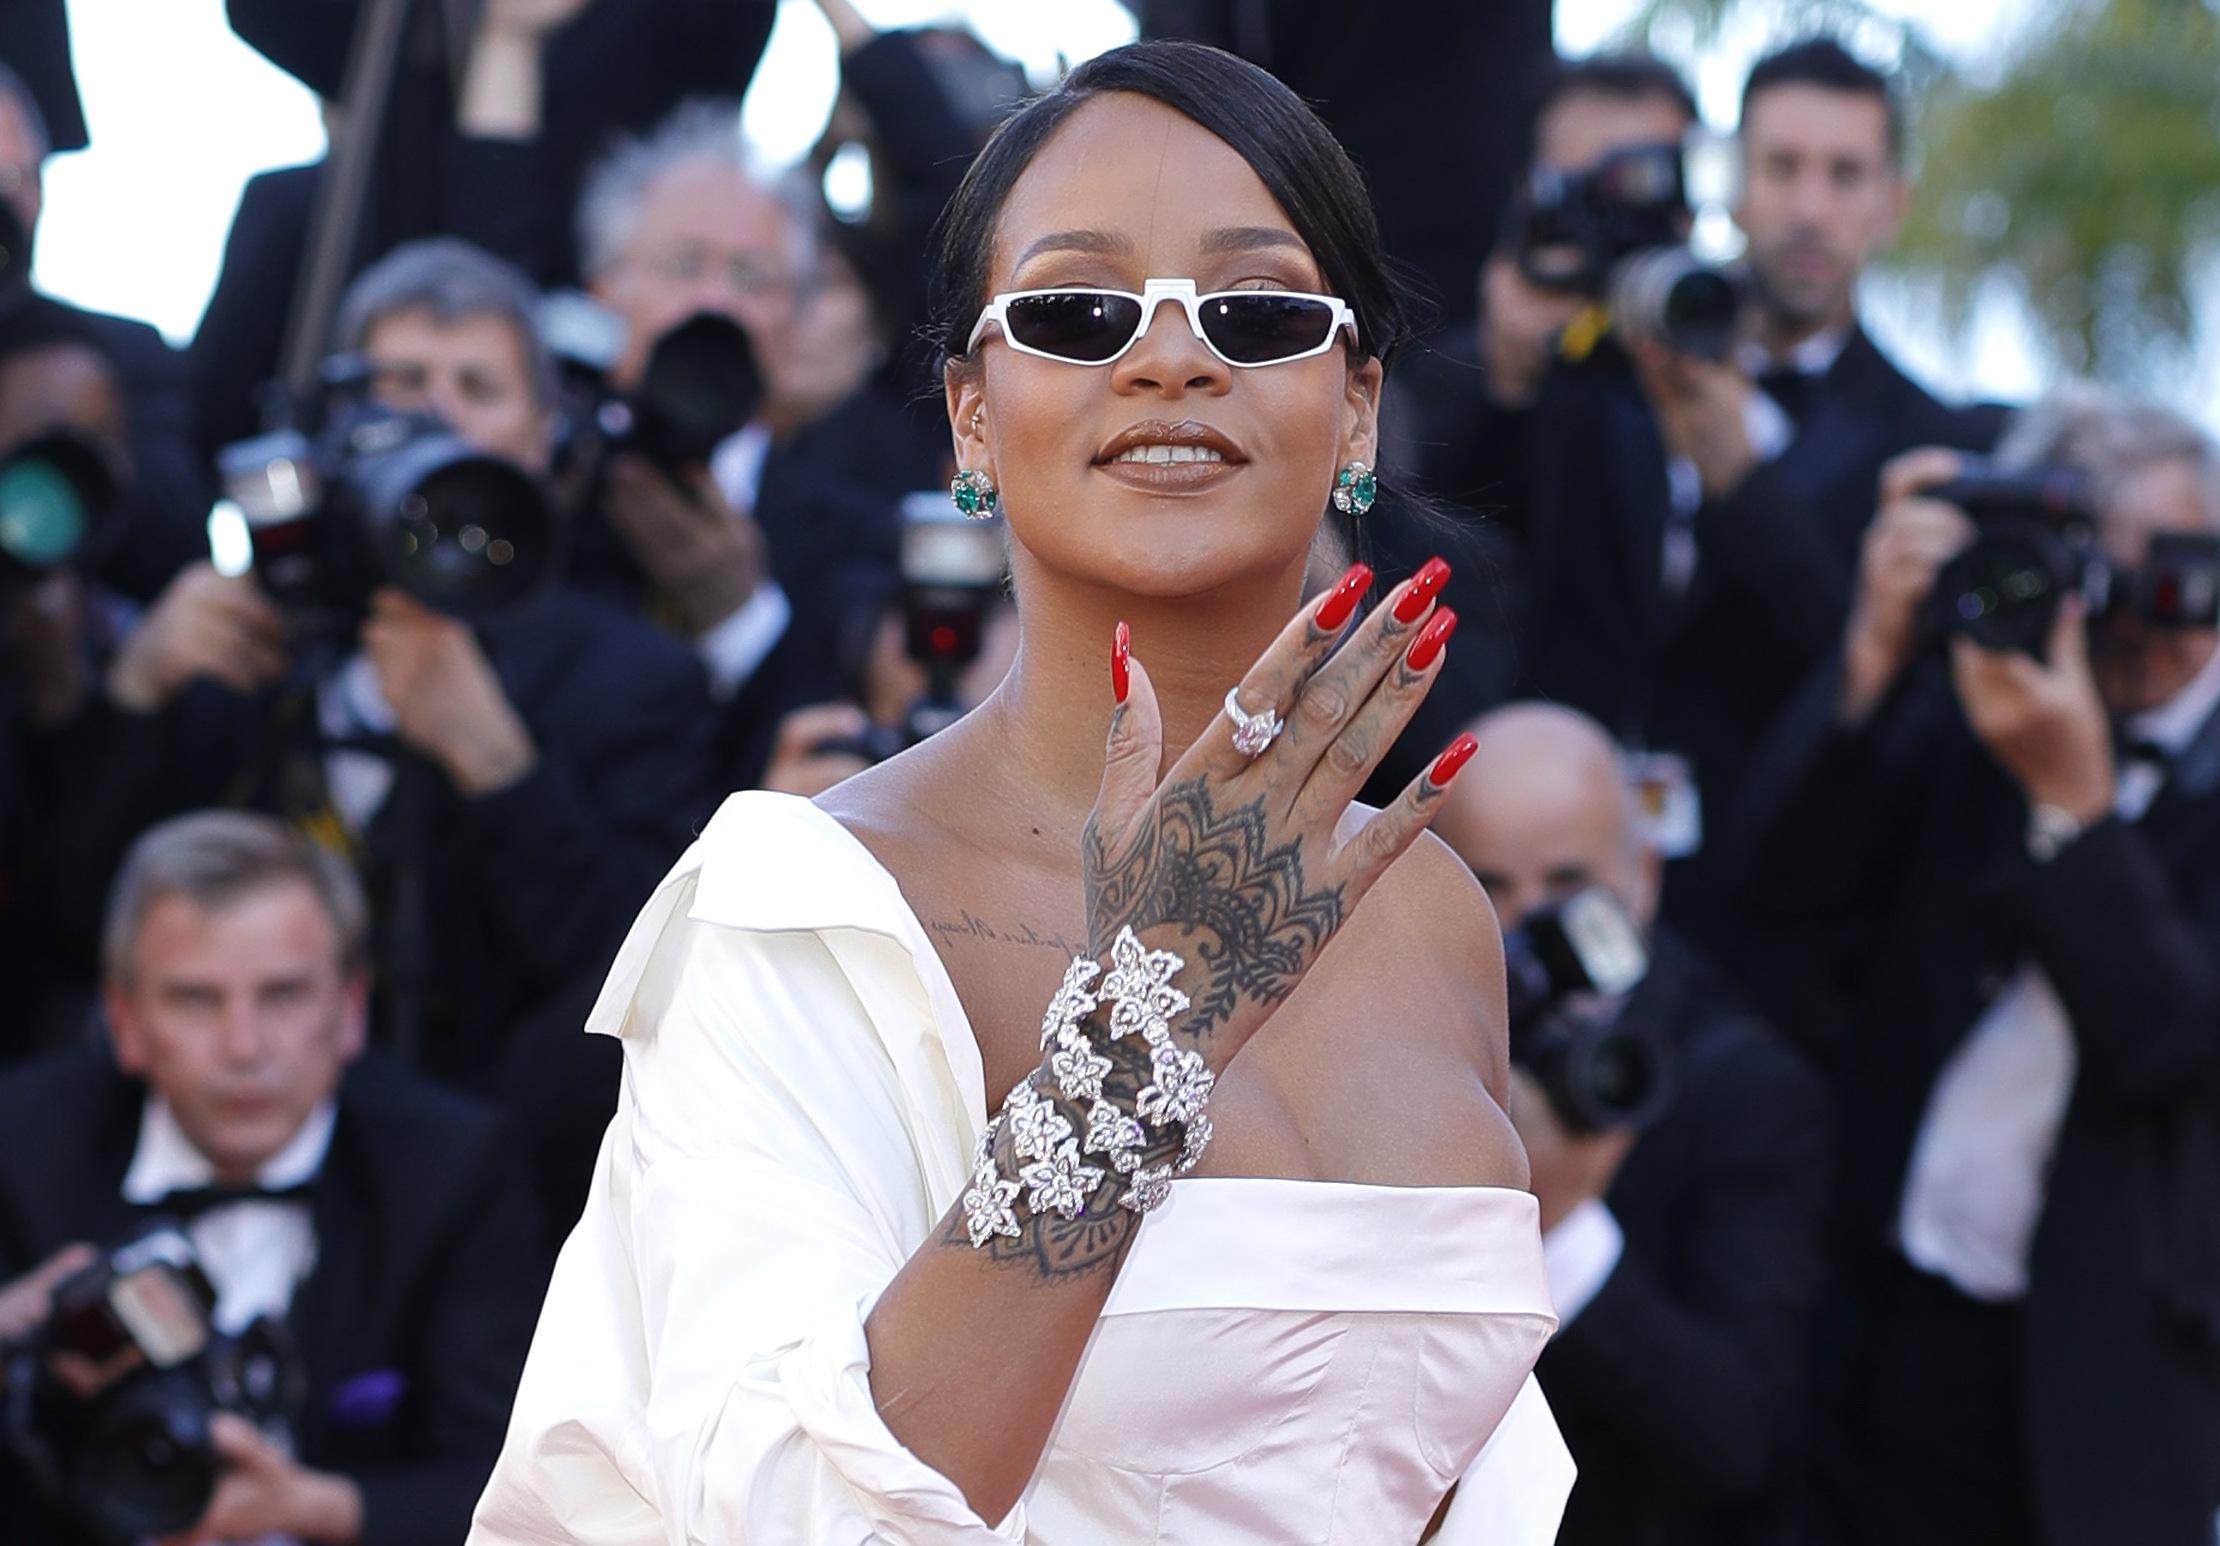 Татуировки знаменитостей: топ самых крутых татуировок звезд Голливуда.